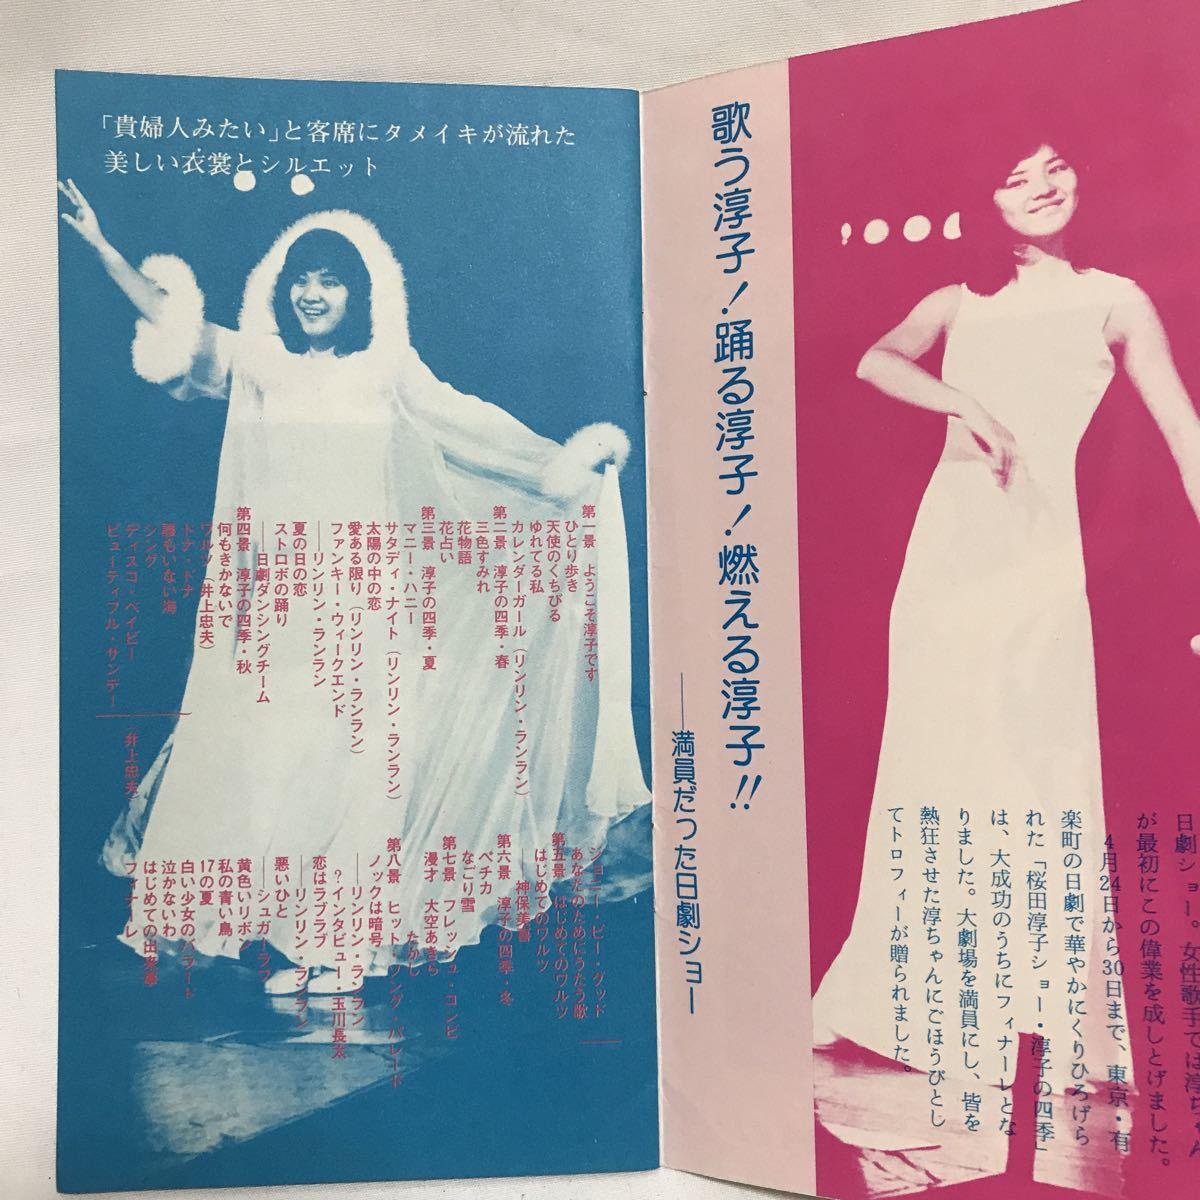 桜田淳子ファンクラブ会報誌/さくらんぼNo.18★昭和51年(1976年)発行 _画像2